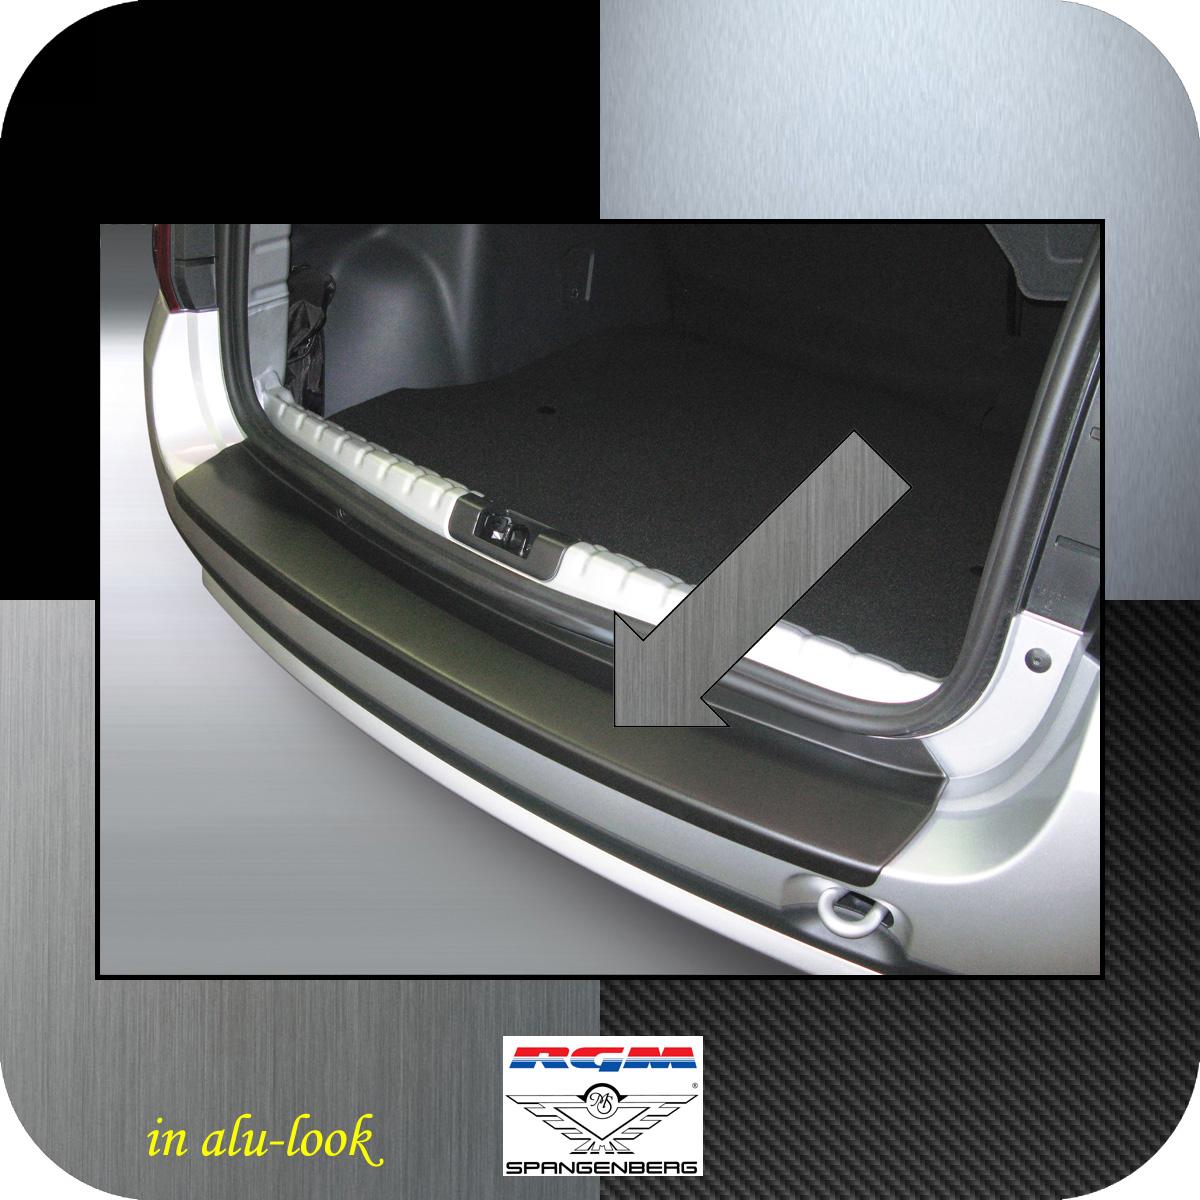 Ladekantenschutz Alu-Look Dacia Duster I SUV 1.Gen 5-Türer 2010-18 3504544